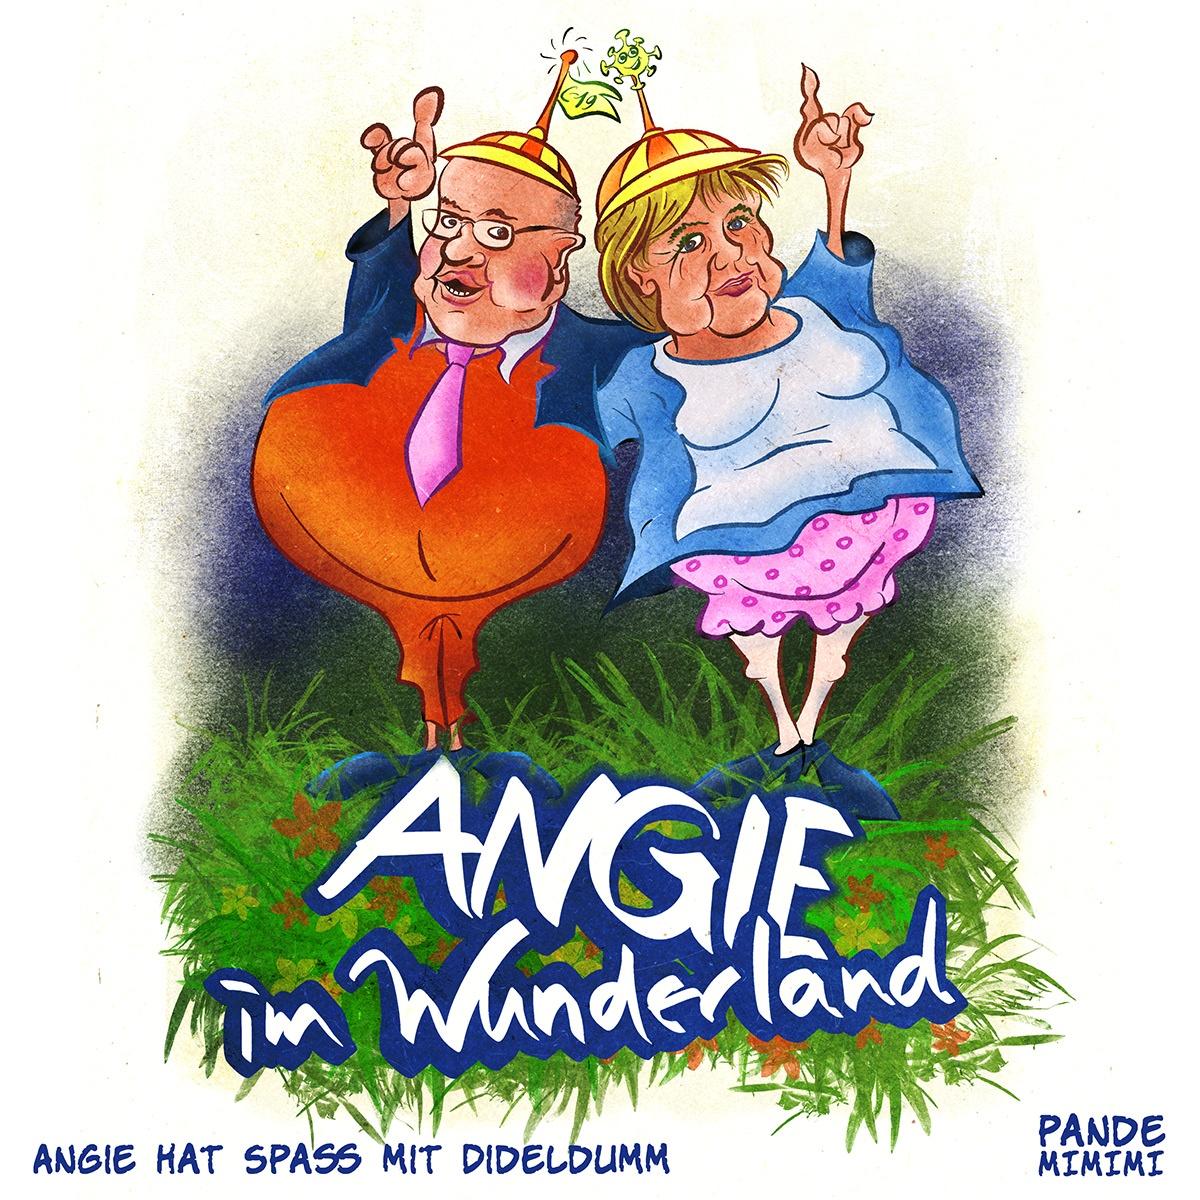 Angie hat Spaß mit Dideldumm, 05.01.2021